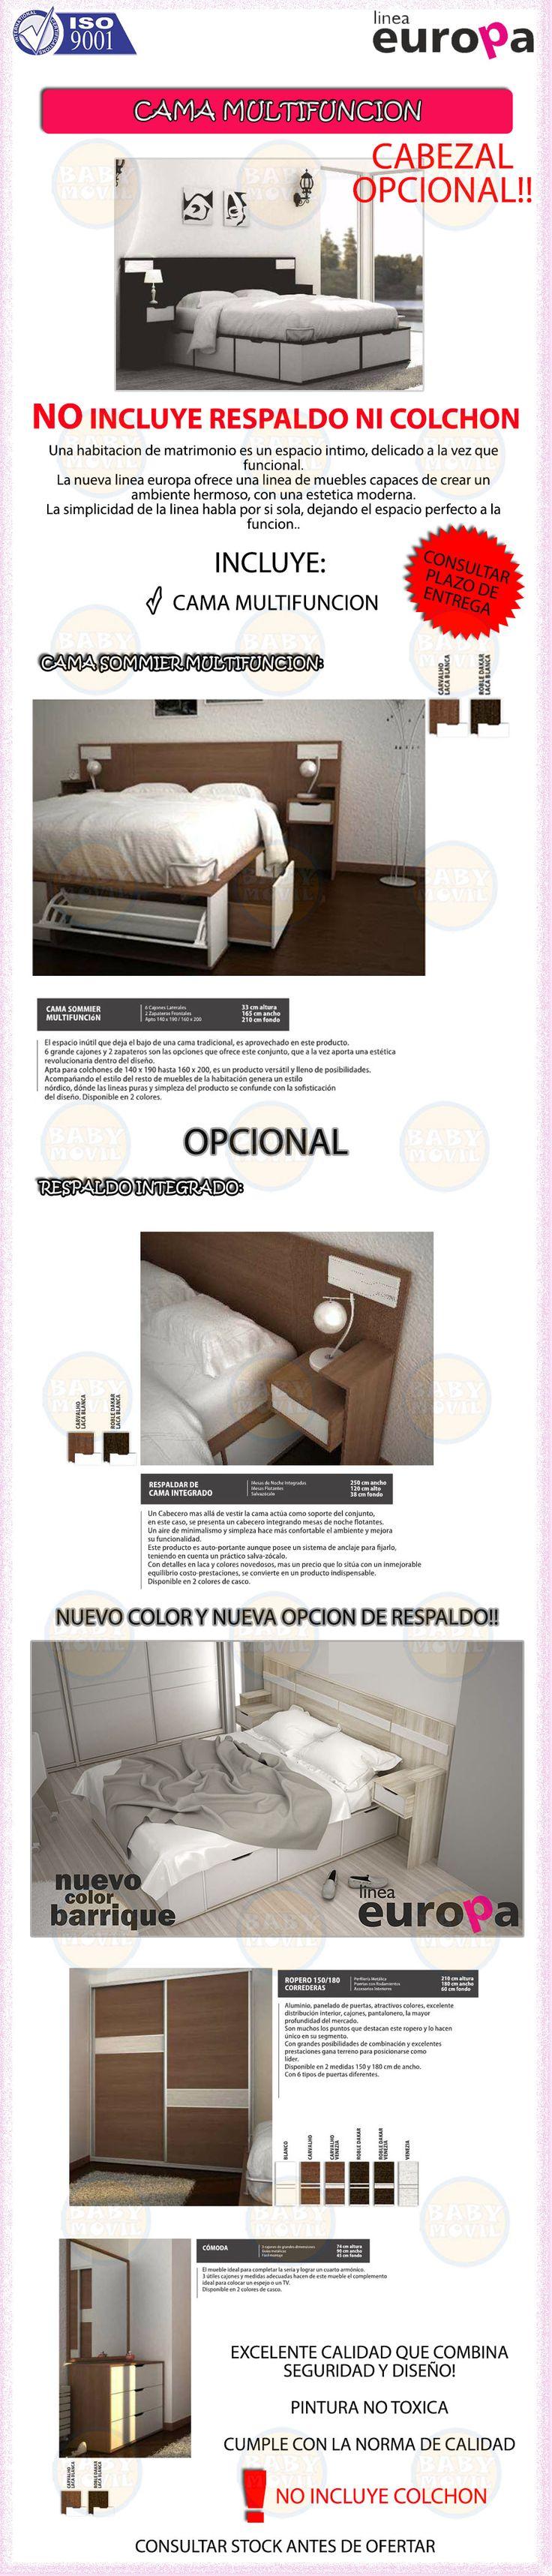 Cama 2 Plazas Multifuncion Cajones La Valenciana Babymovil - $ 6.299,00 en Mercado Libre